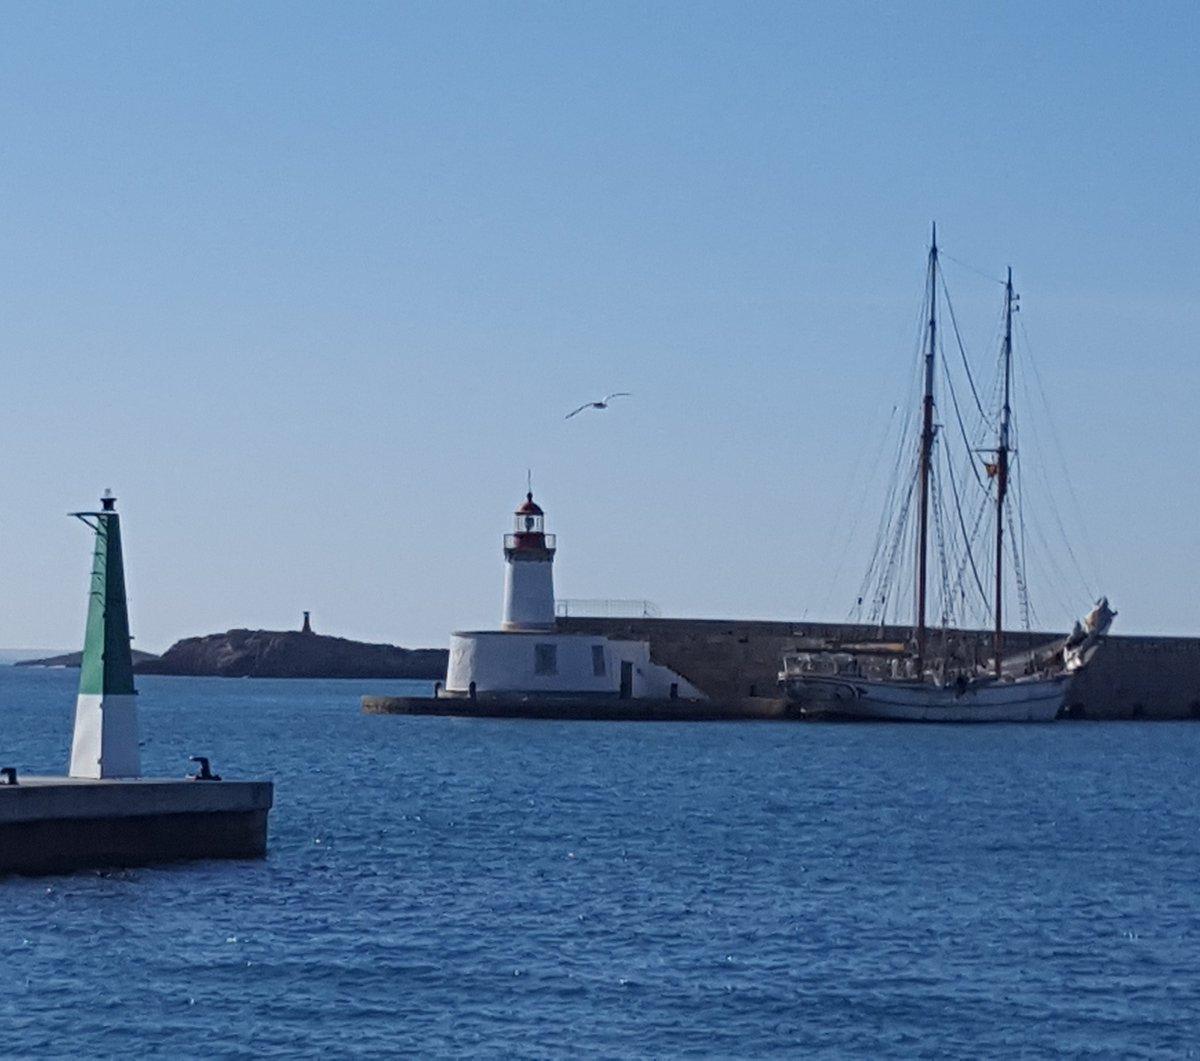 Hay imágenes que ayudan a pensar. #ibiza #eivissa #MarinaIbiza #puerto #entradaysalida